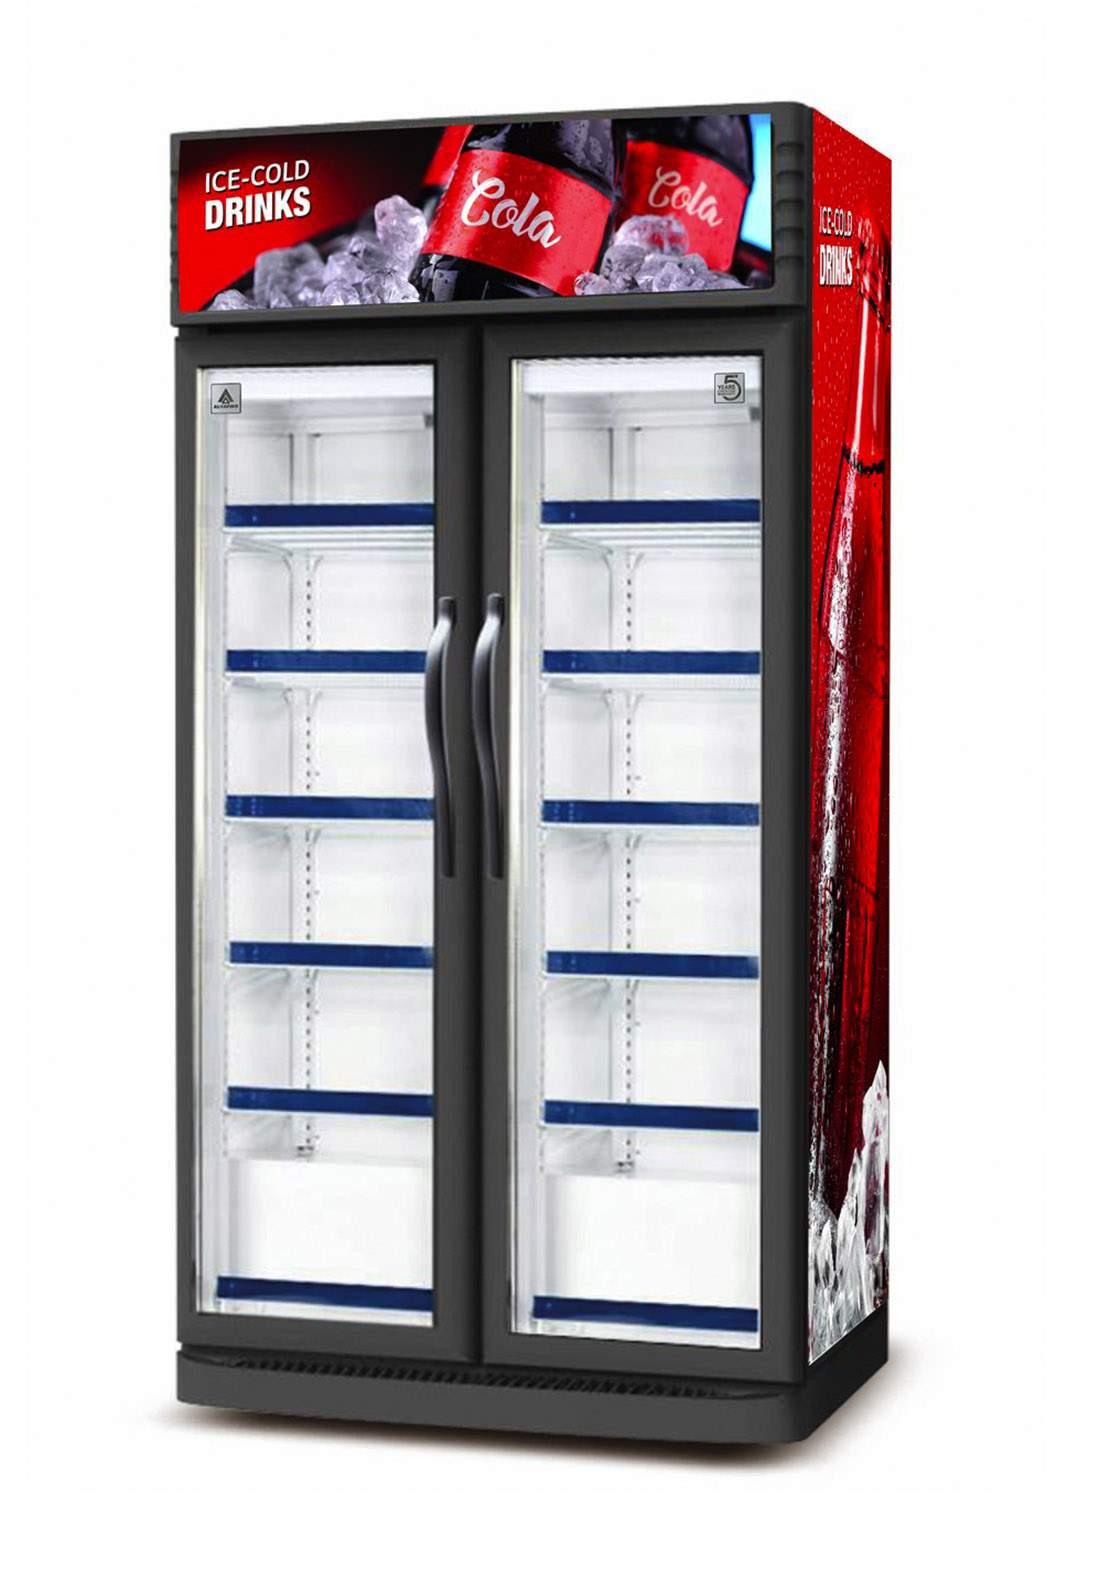 Alhafidh (USC1100) 38cf No Frost Upright Showcase Refrigerator ثلاجة عارضة